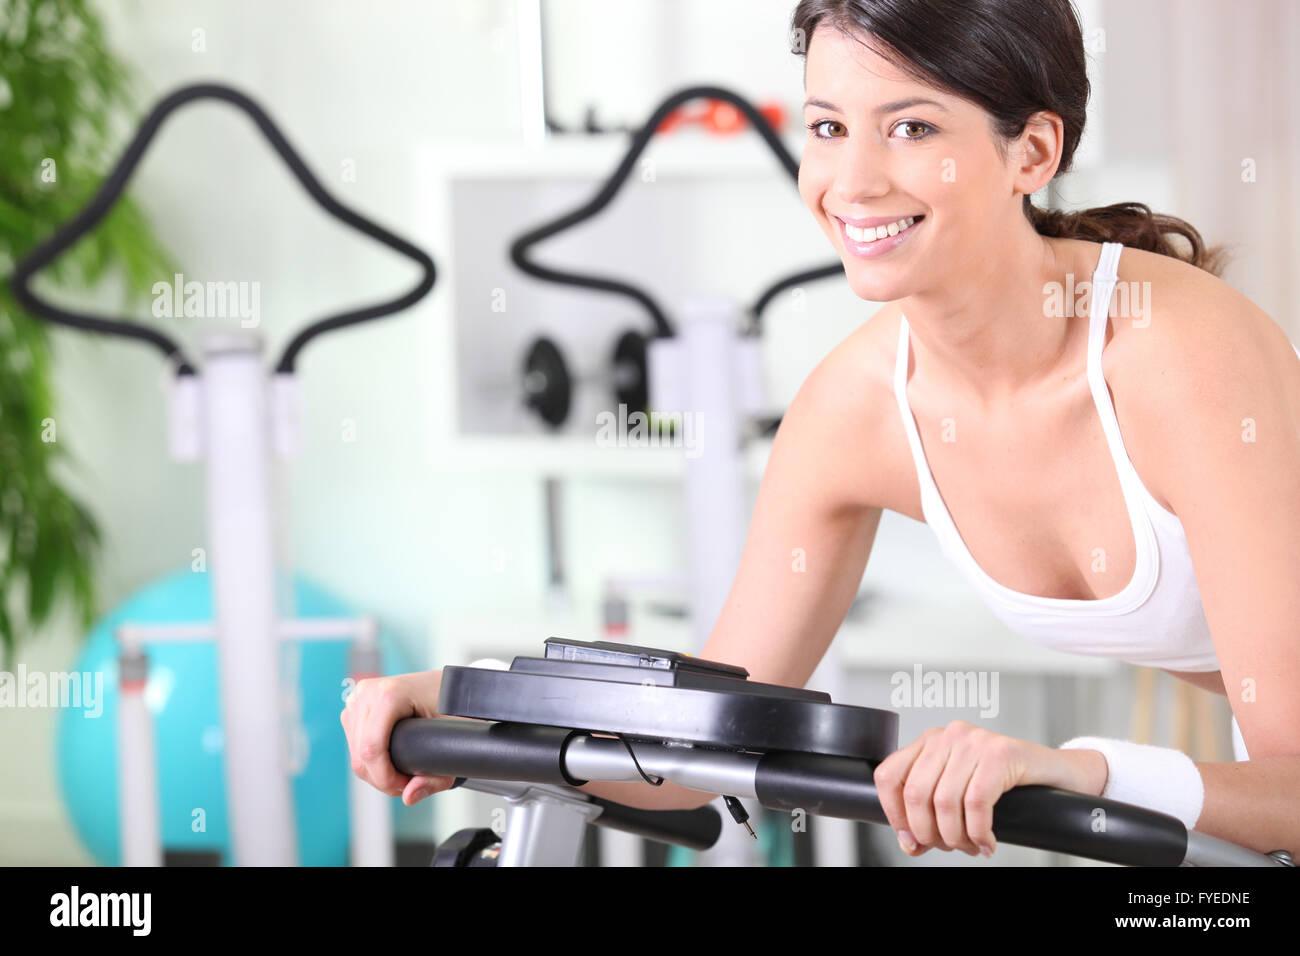 Joven morenita haciendo fitness en un gimnasio Imagen De Stock